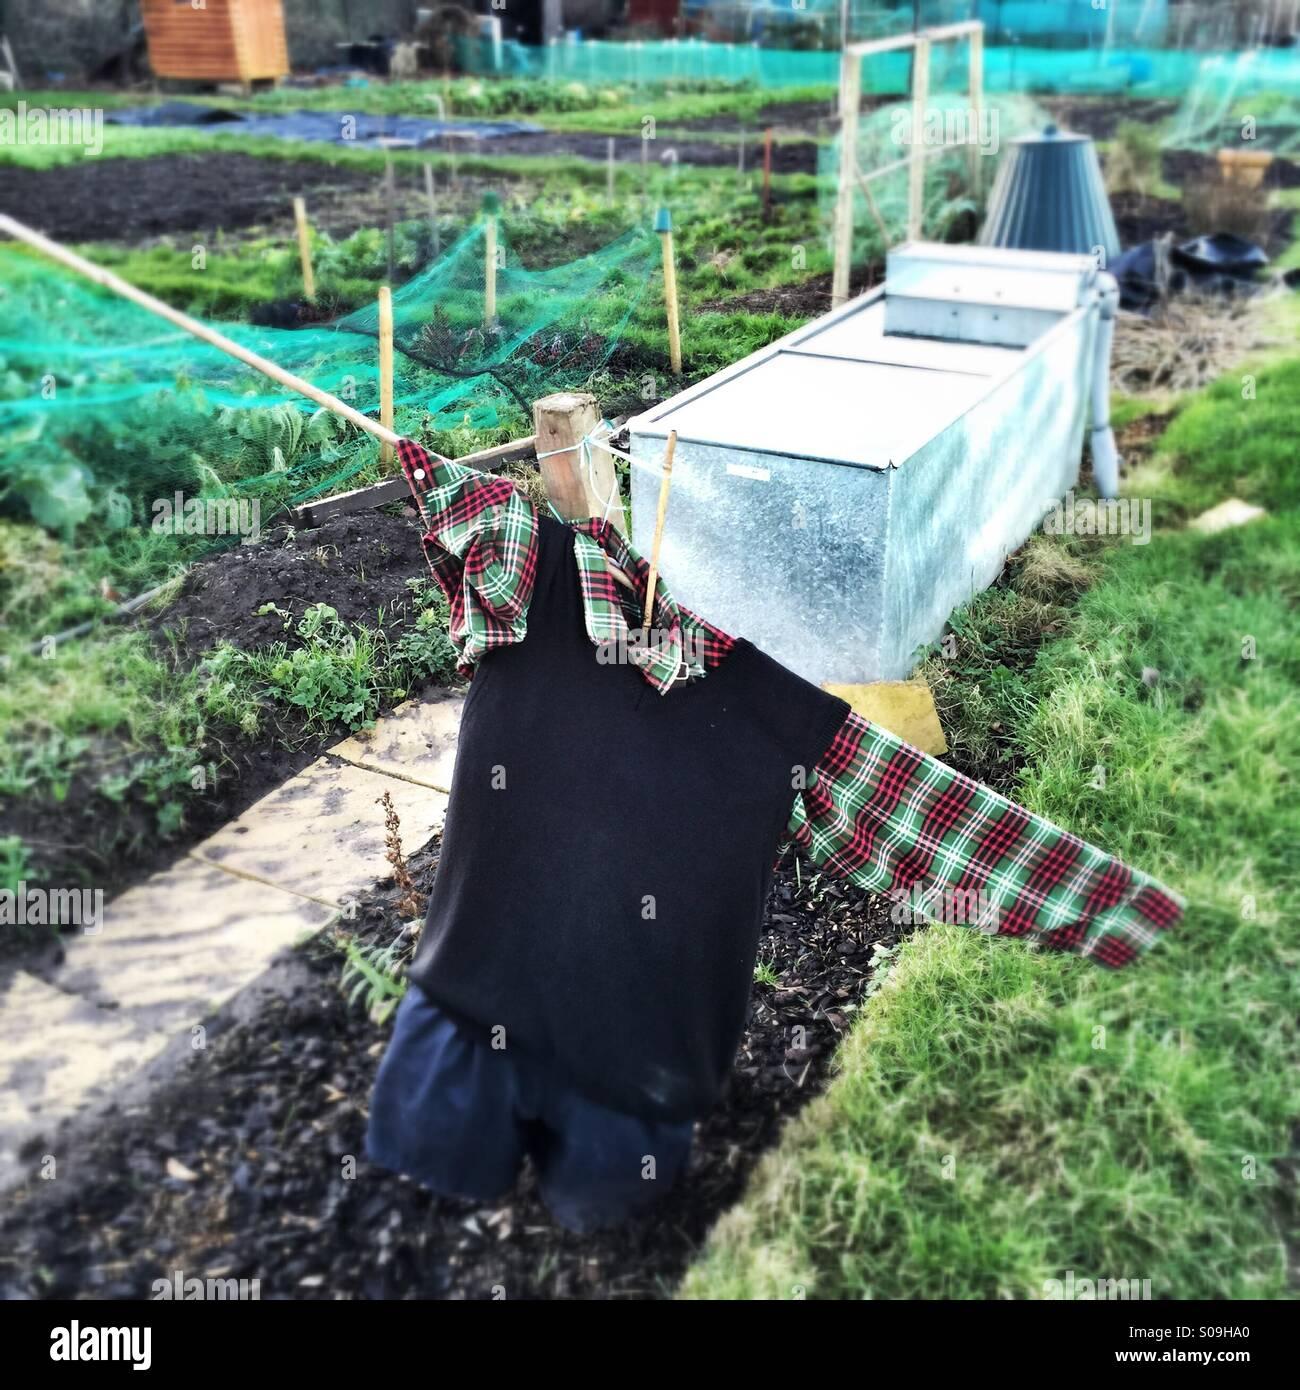 Tatty scarecrow on allotment garden Stock Photo